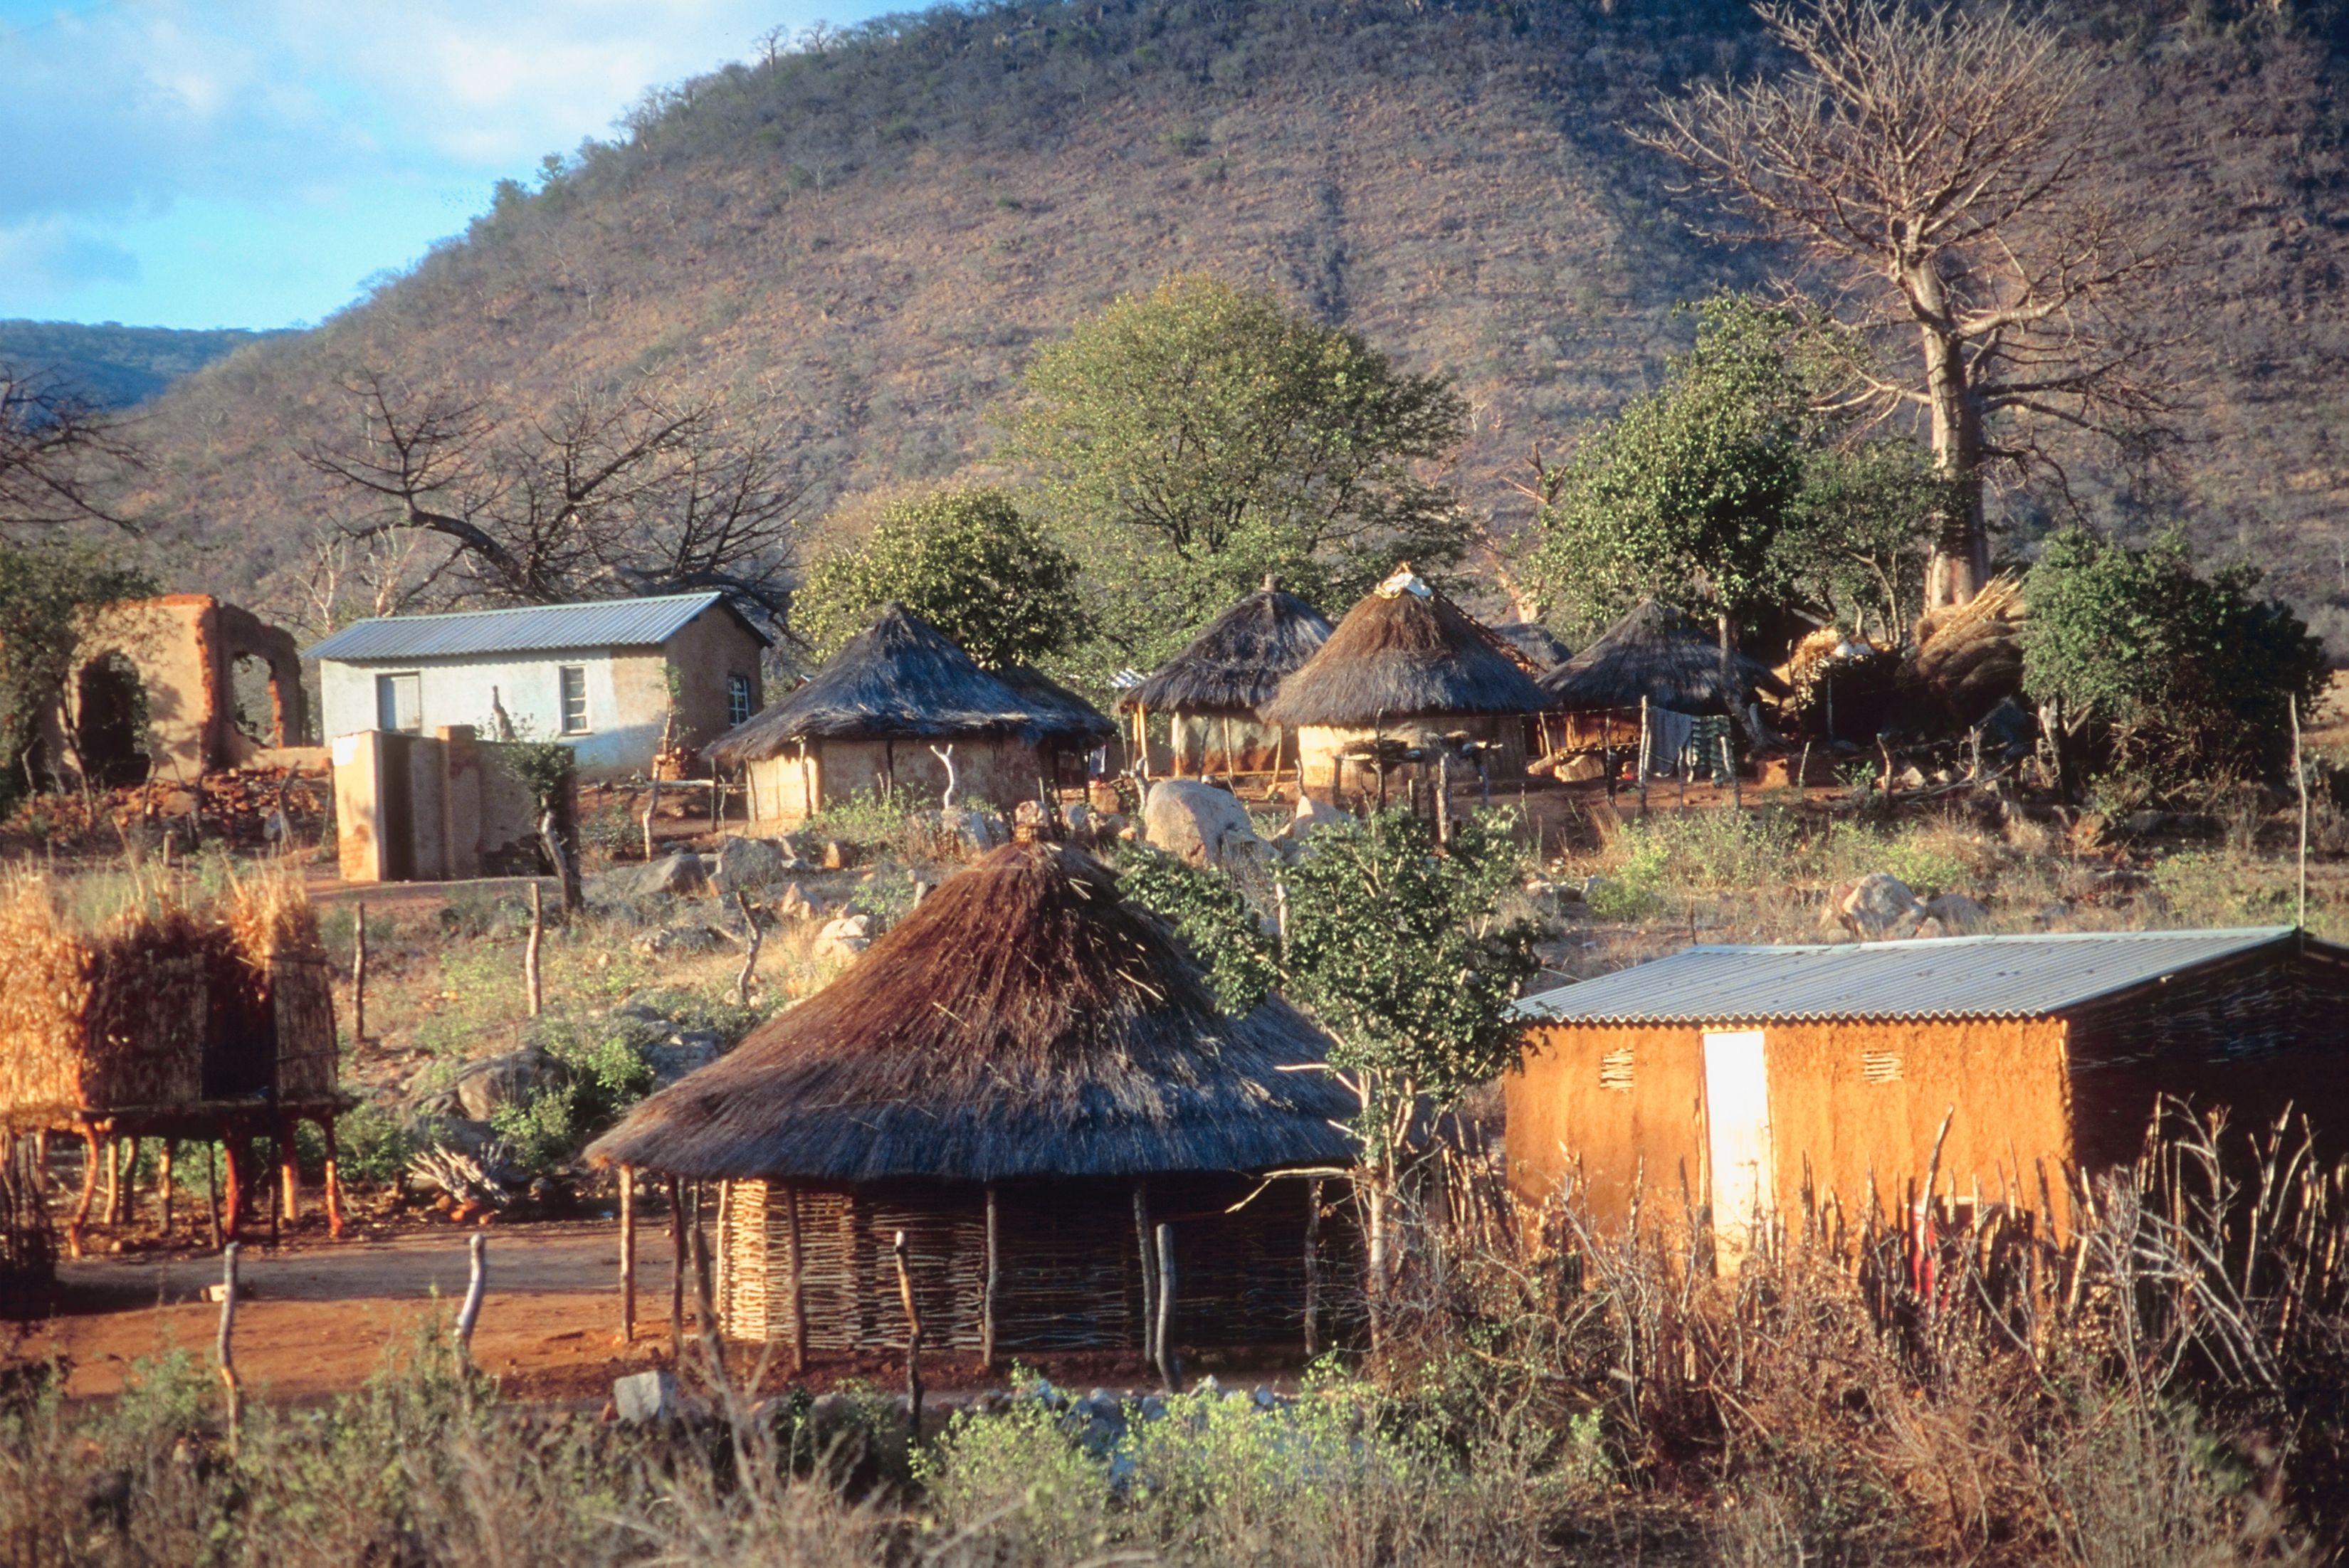 Rural scenes, Zimbabwe